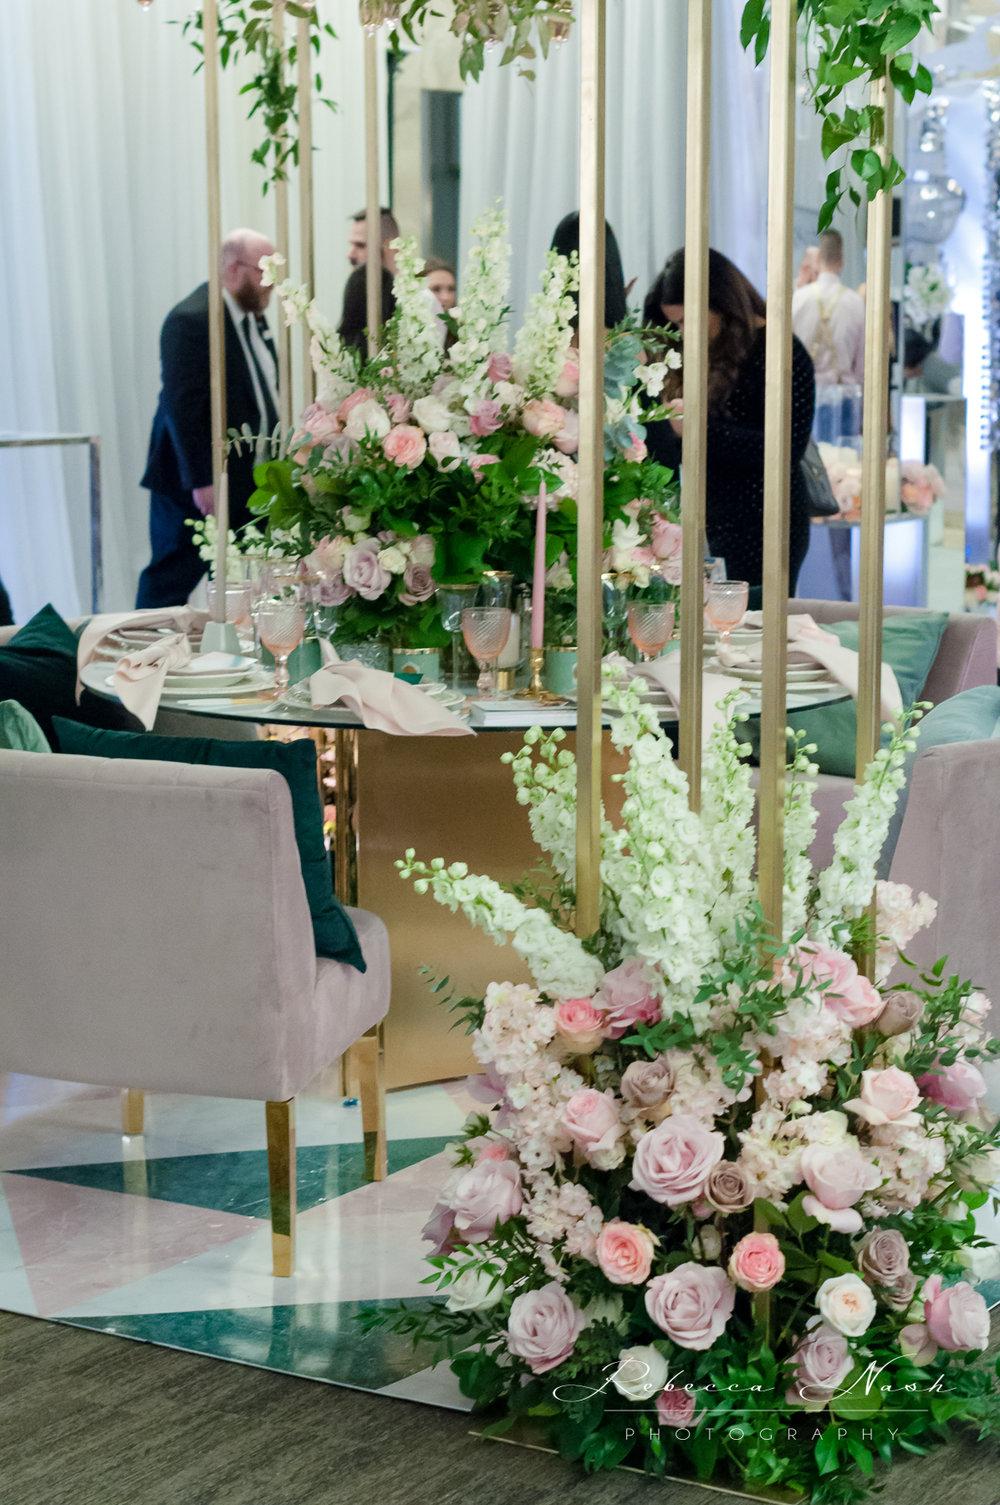 Wedluxe Industry Night - London Wedding Photographer  Rebecca Nash Photography (69 of 79).jpg